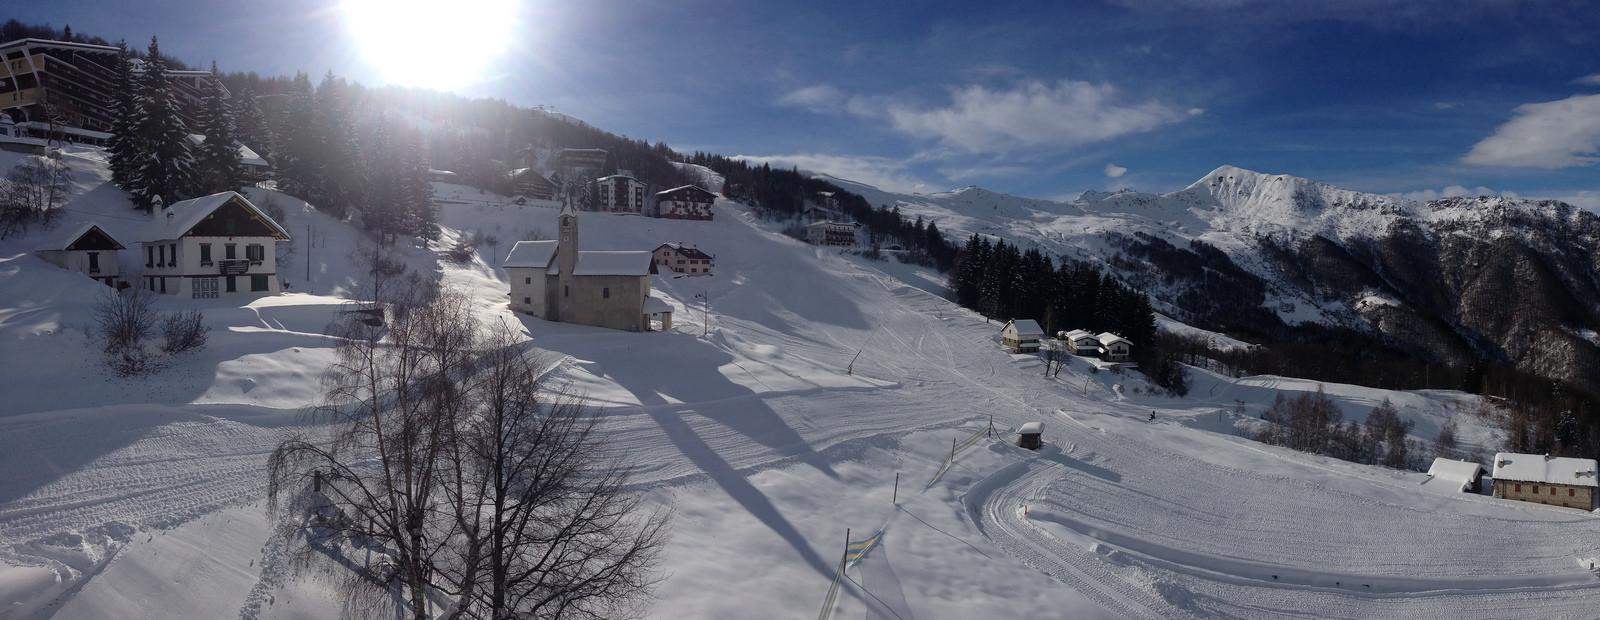 Alpe di Meraundefined